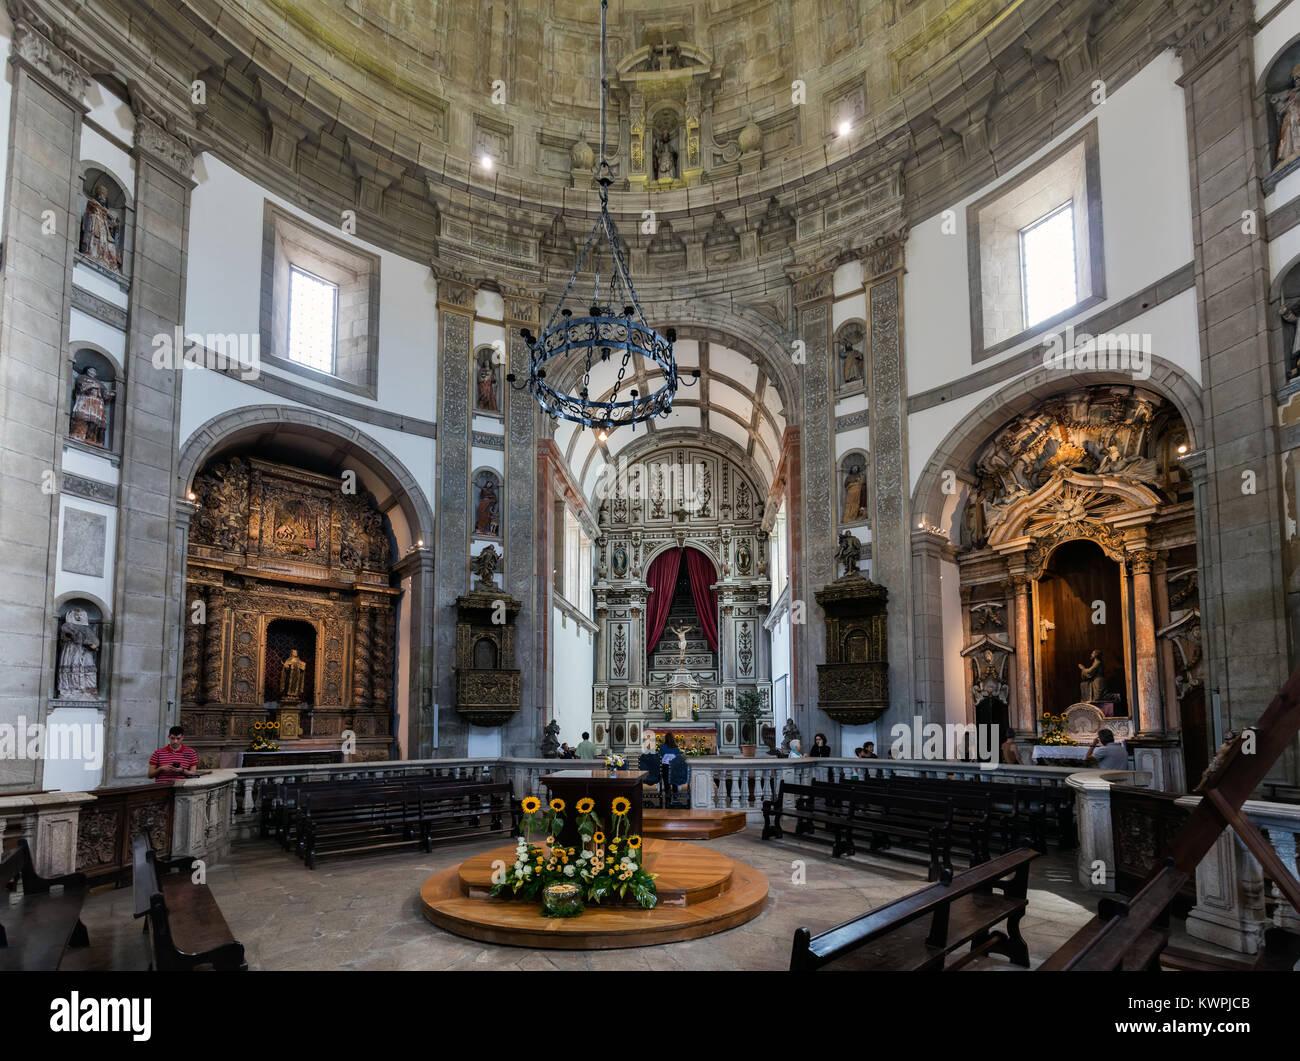 Porto, Portugal, August 15, 2017: Interior of the 17th-century Serra do Pilar Monastery in Porto, Portugal. UNESCO - Stock Image